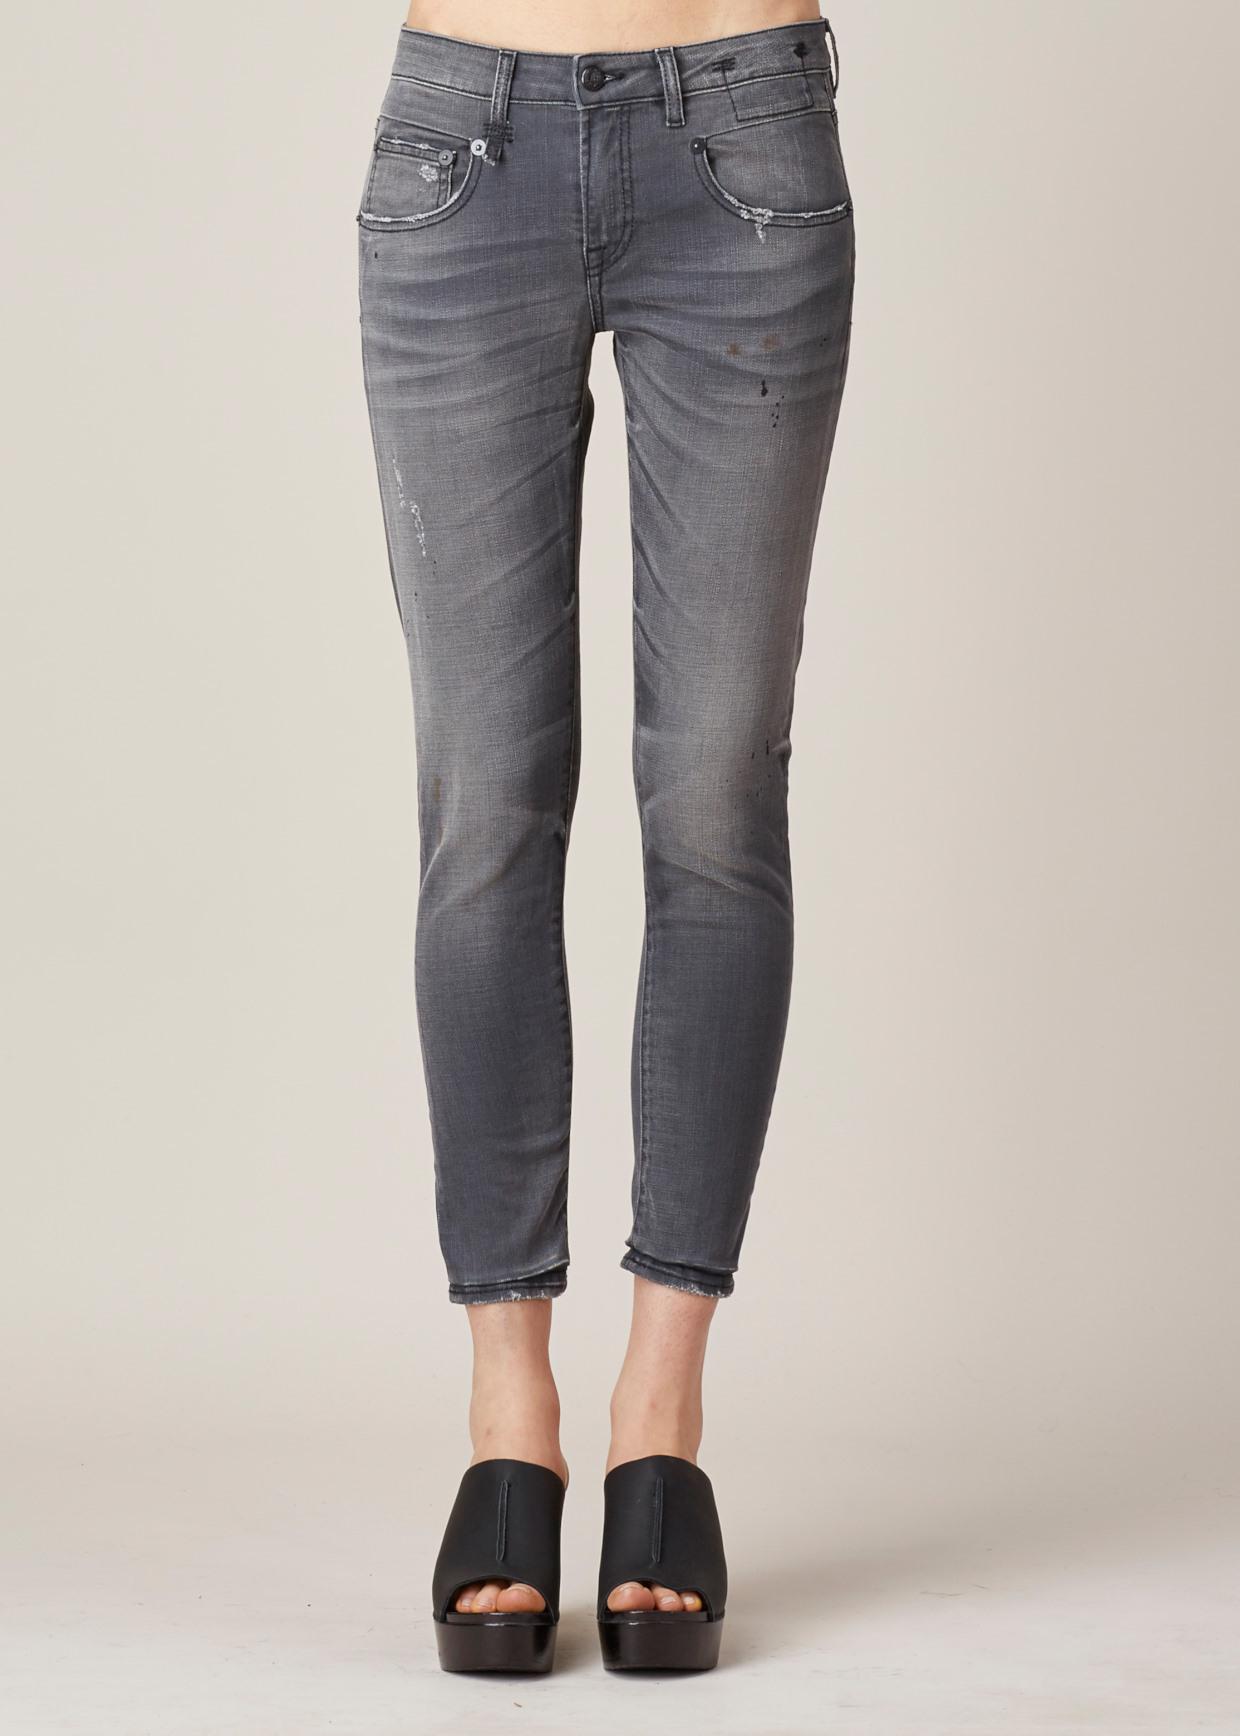 Skinny Jeans Boy Grey Orion R13 ZUddj